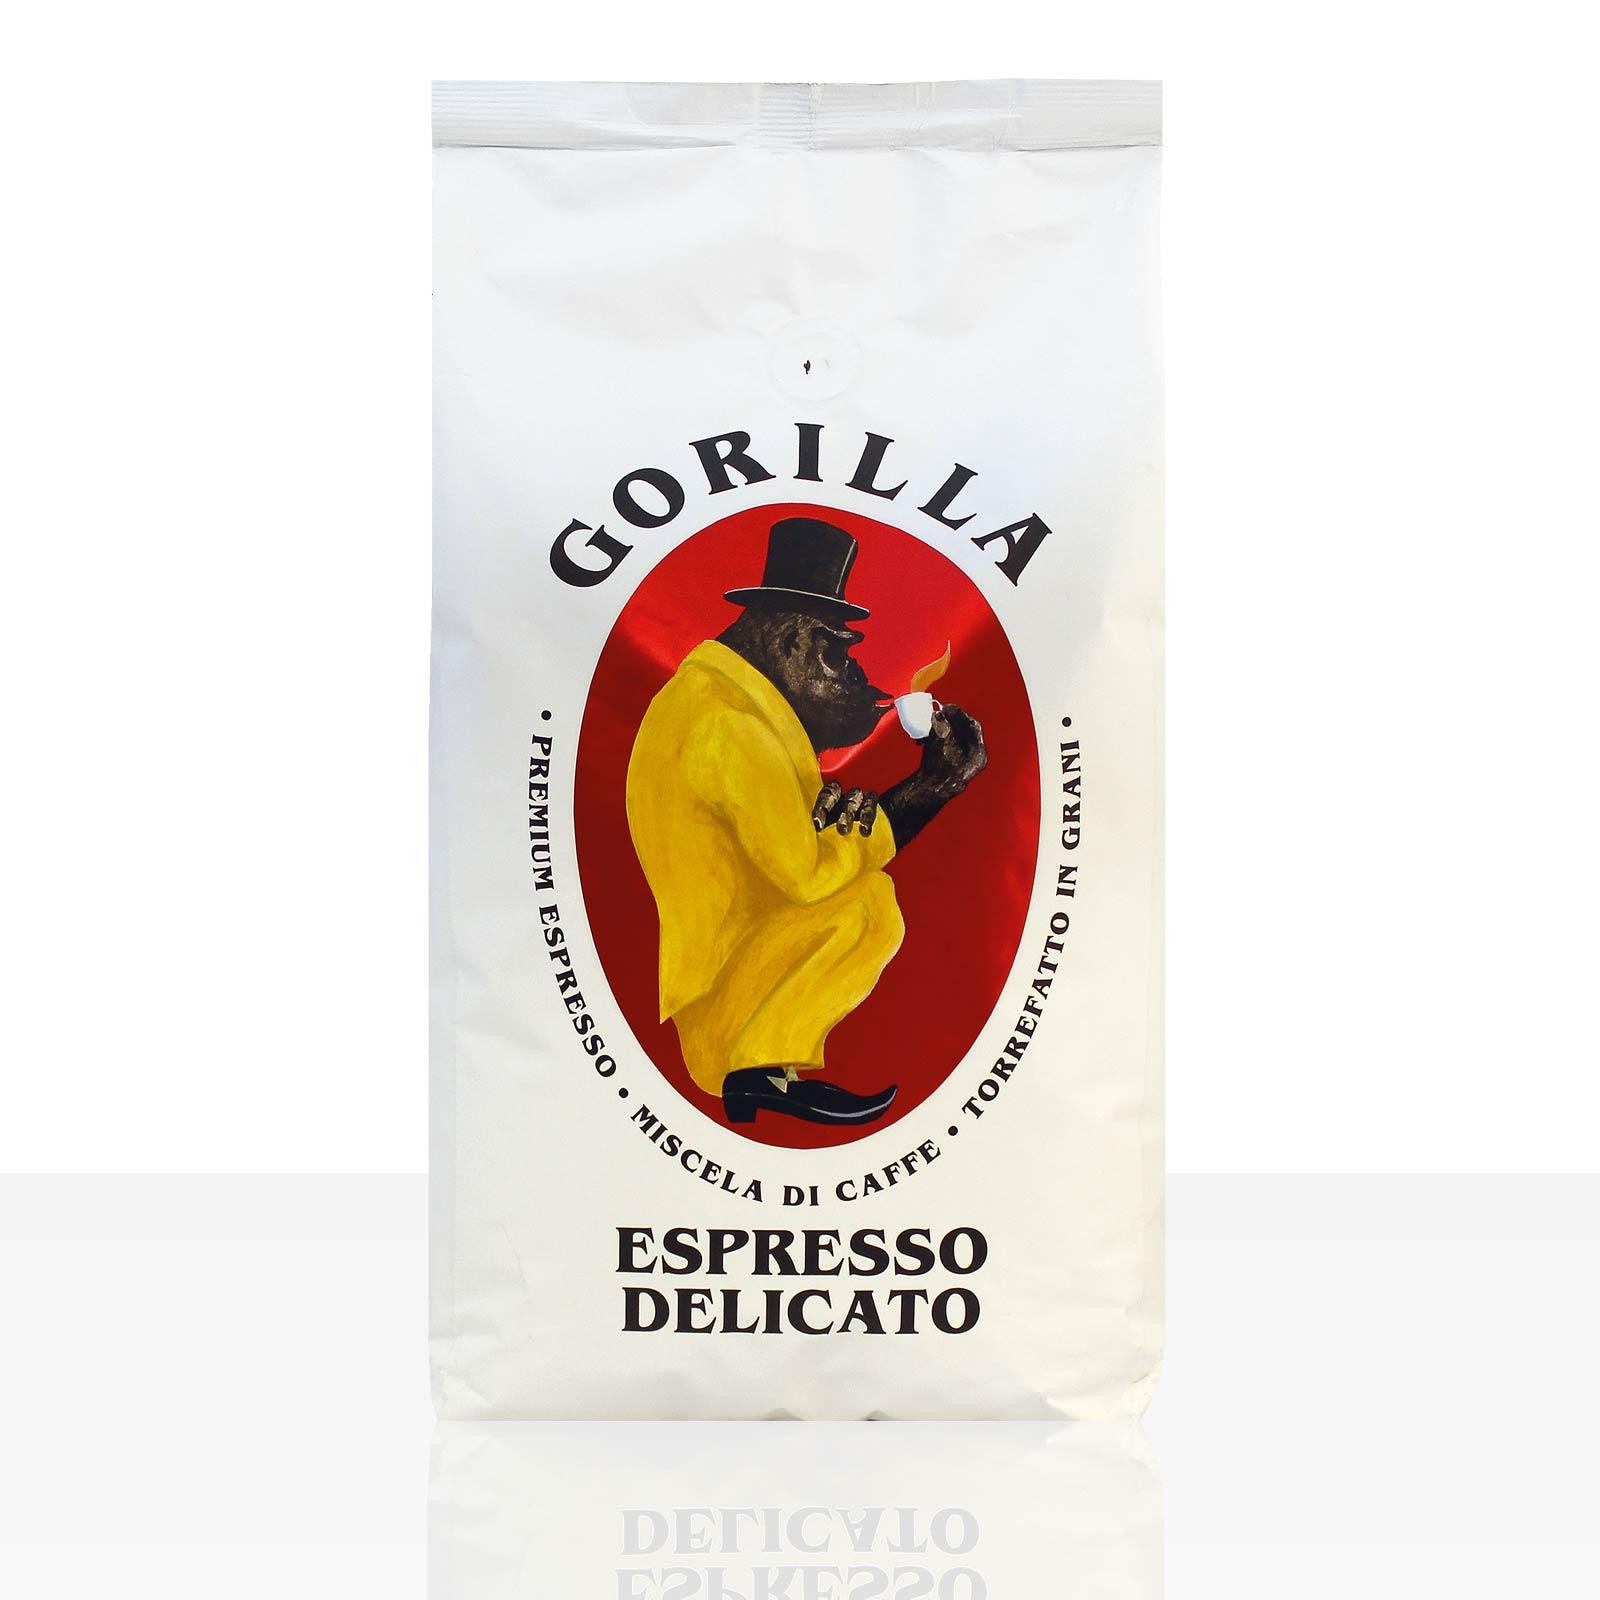 Gorilla Espresso Delicato 1kg Kaffee ganze Bohne